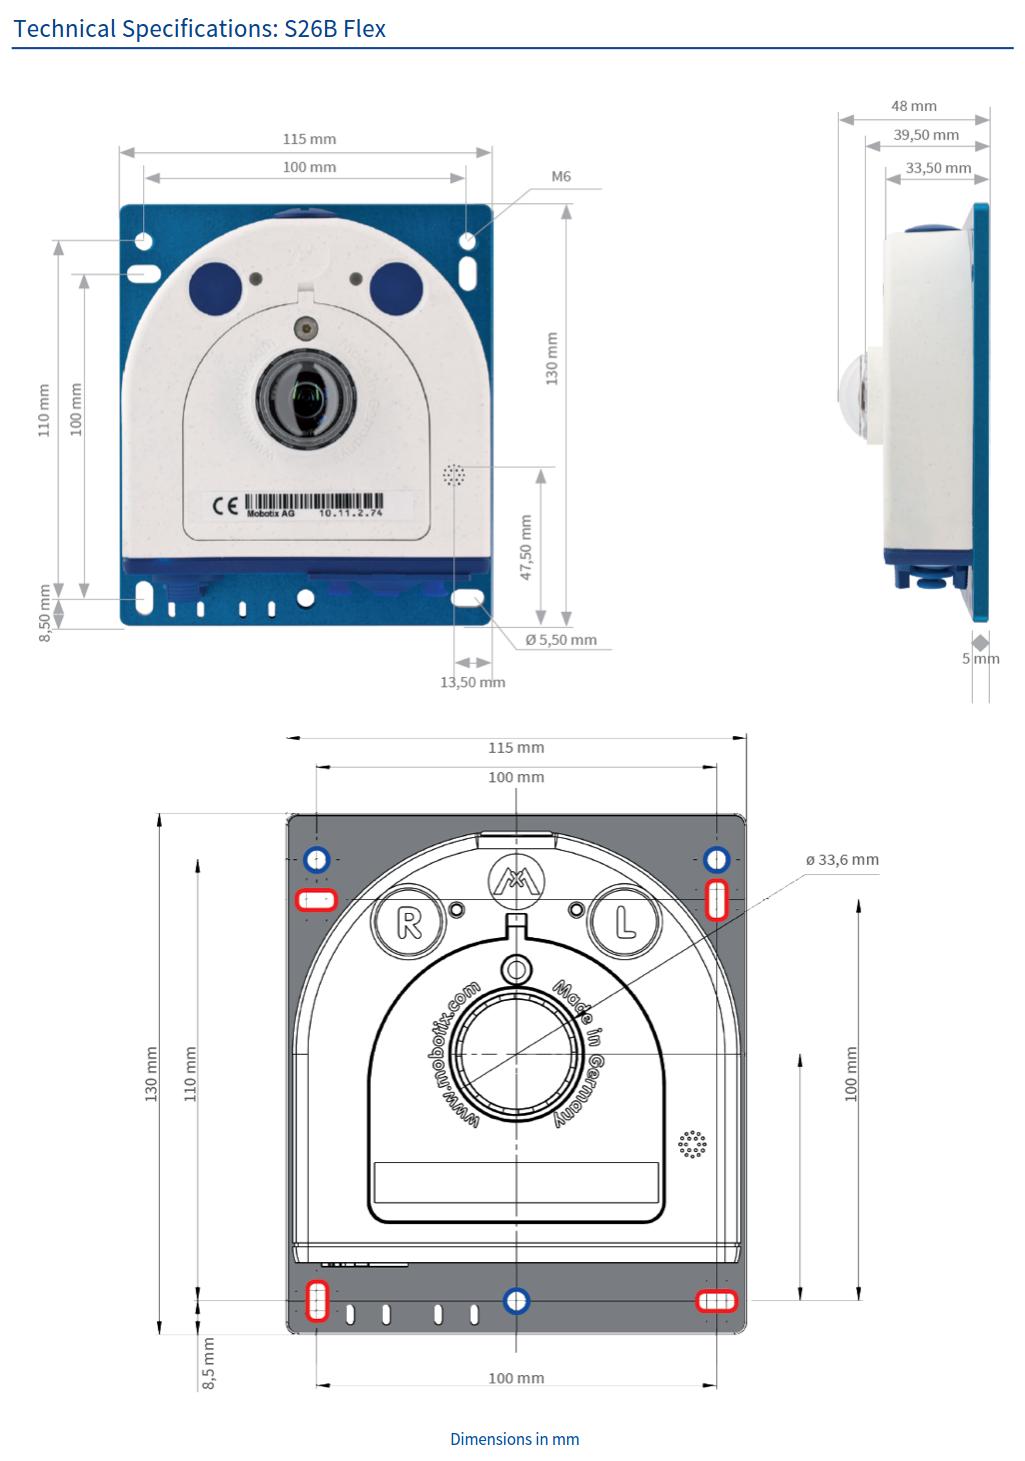 S26B Tech Specs